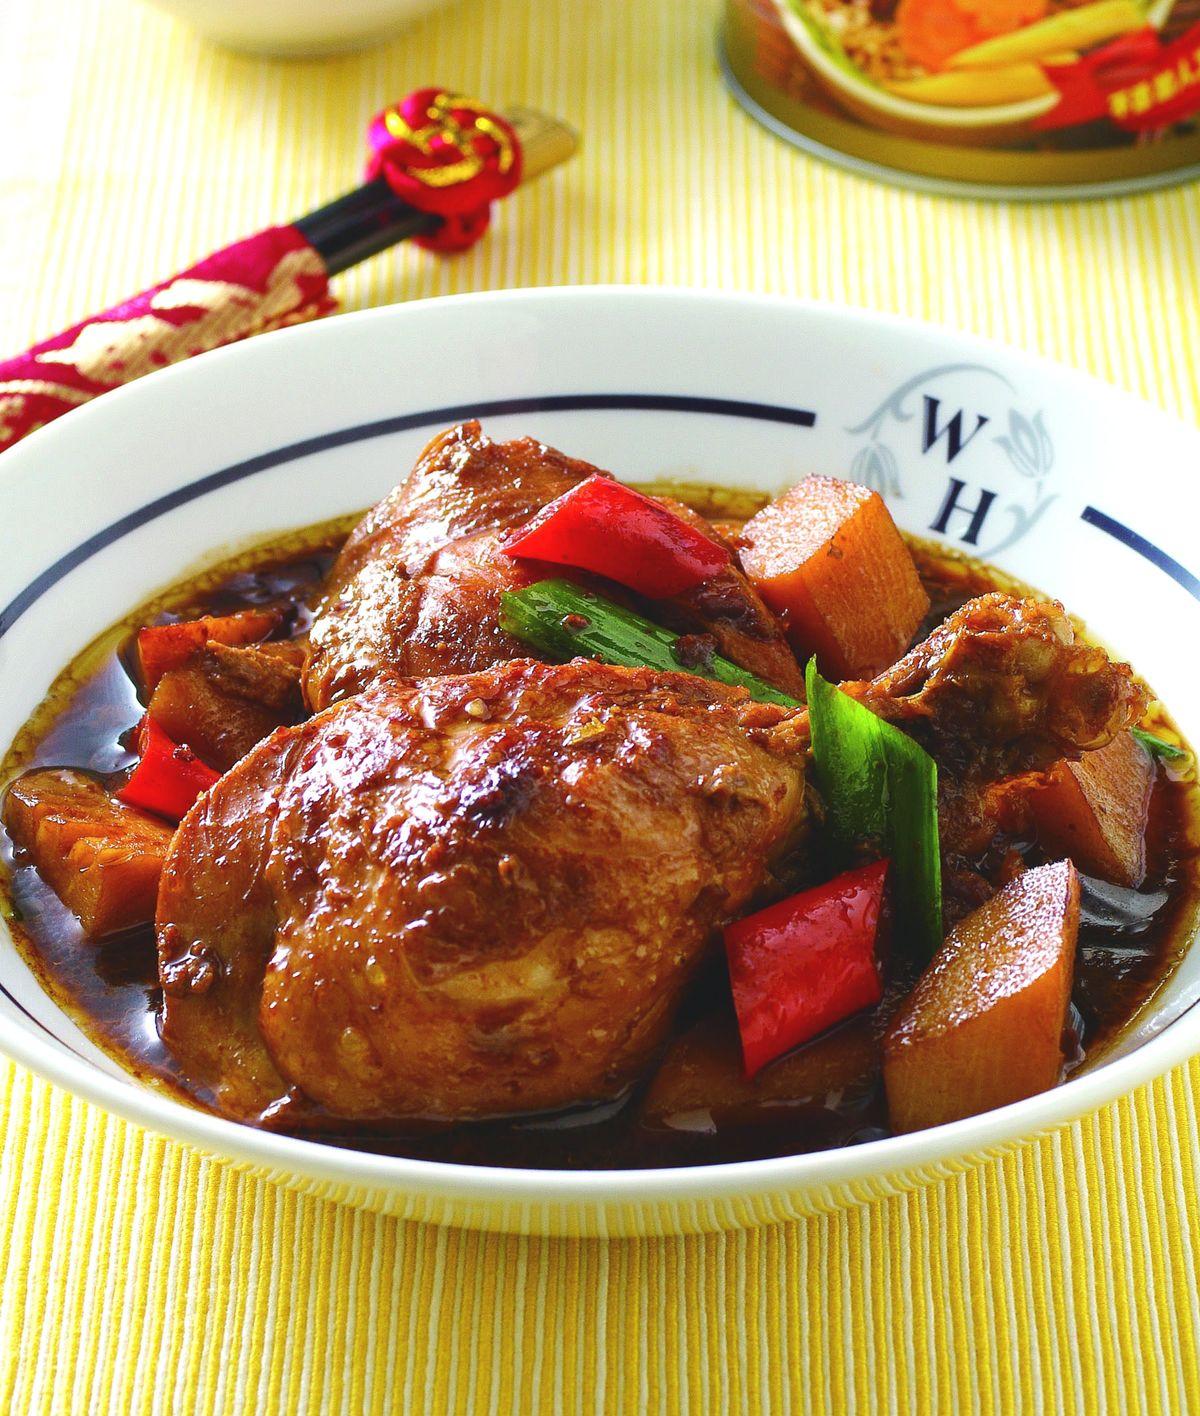 食譜:炸醬燒雞腿